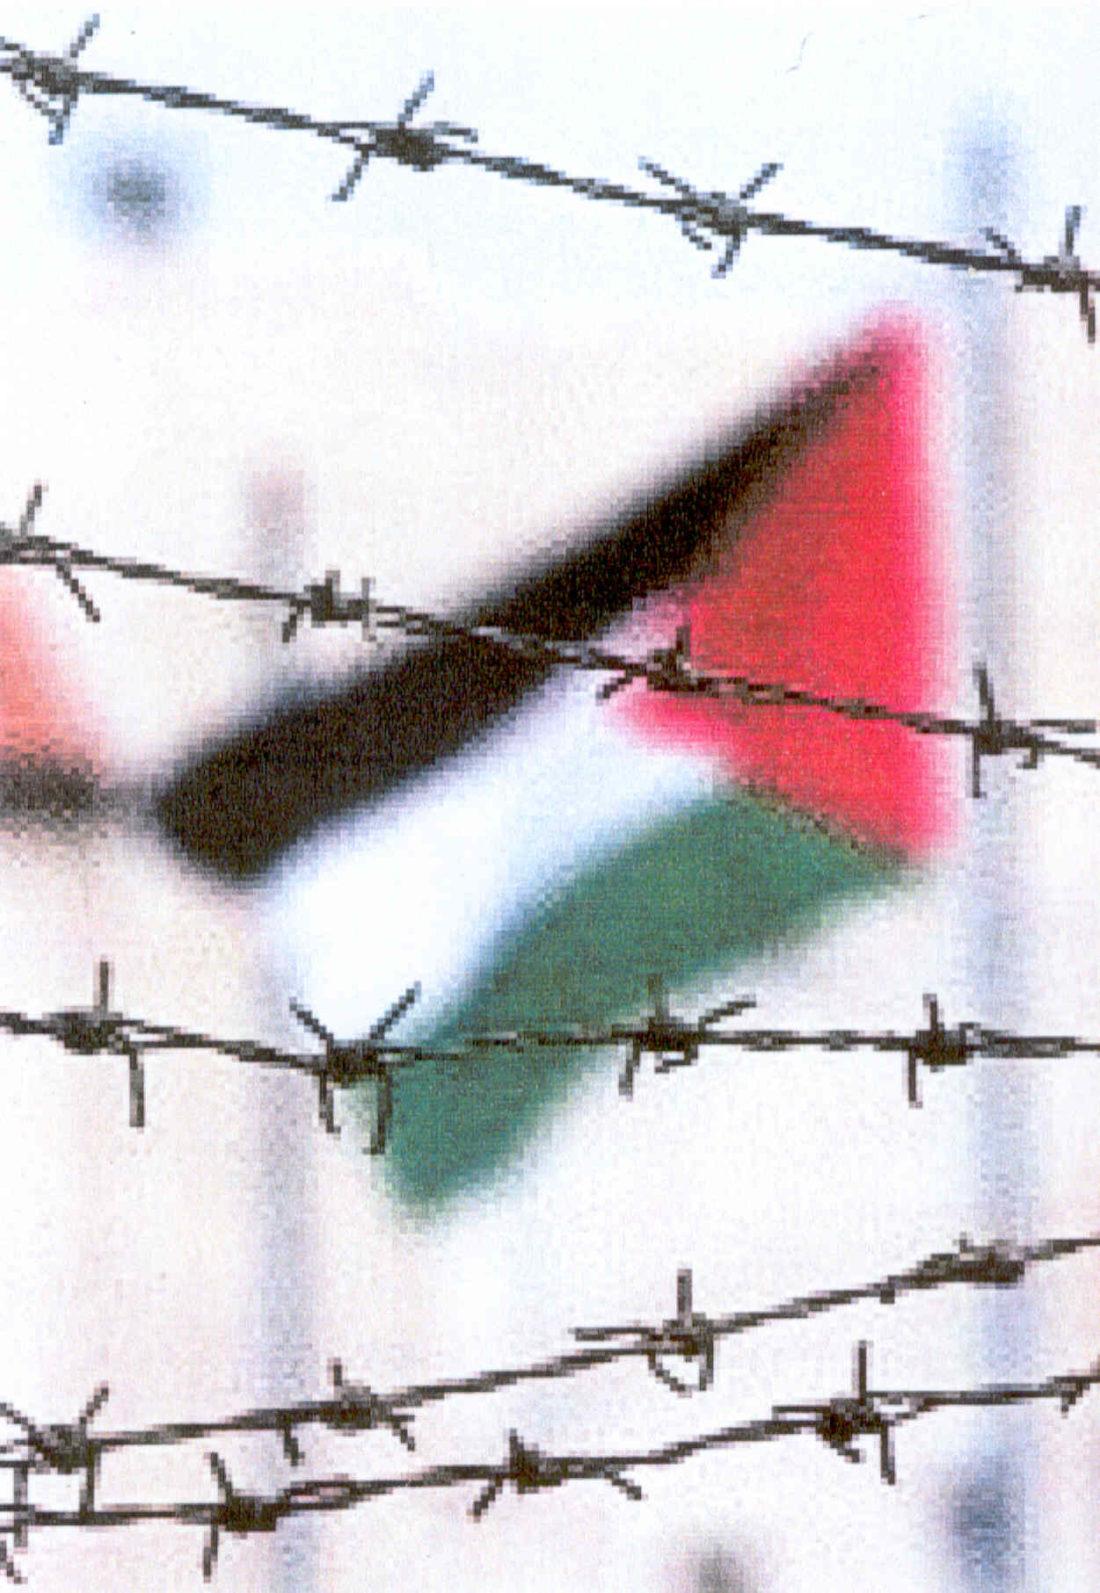 Aturem la massacre contra el poble Palestí. Comunicat de la CGT de Catalunya